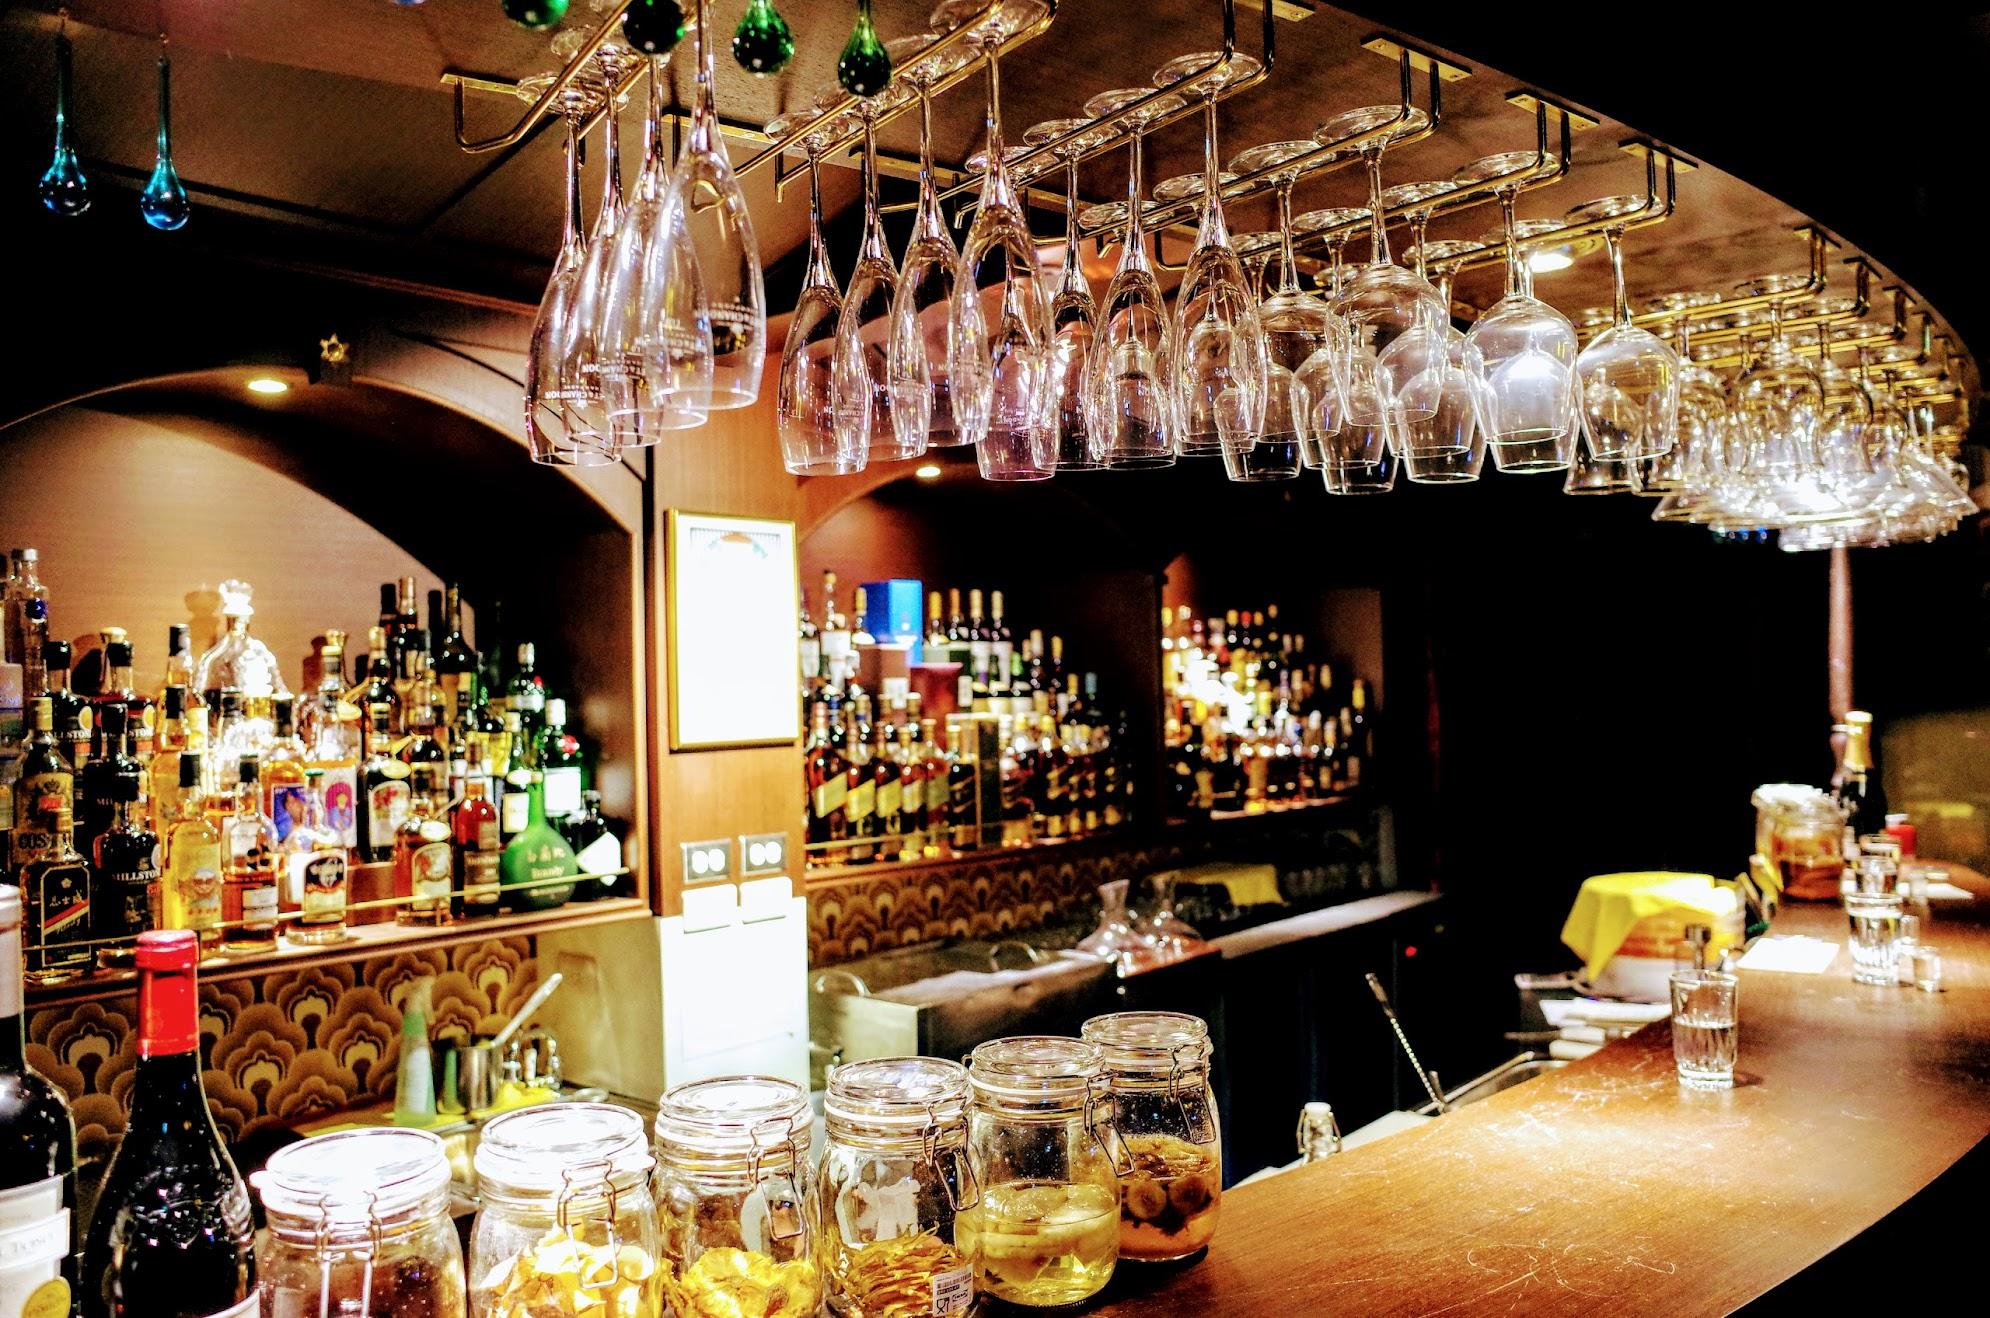 店面一覽,有著許多酒類在Bar枱啊...